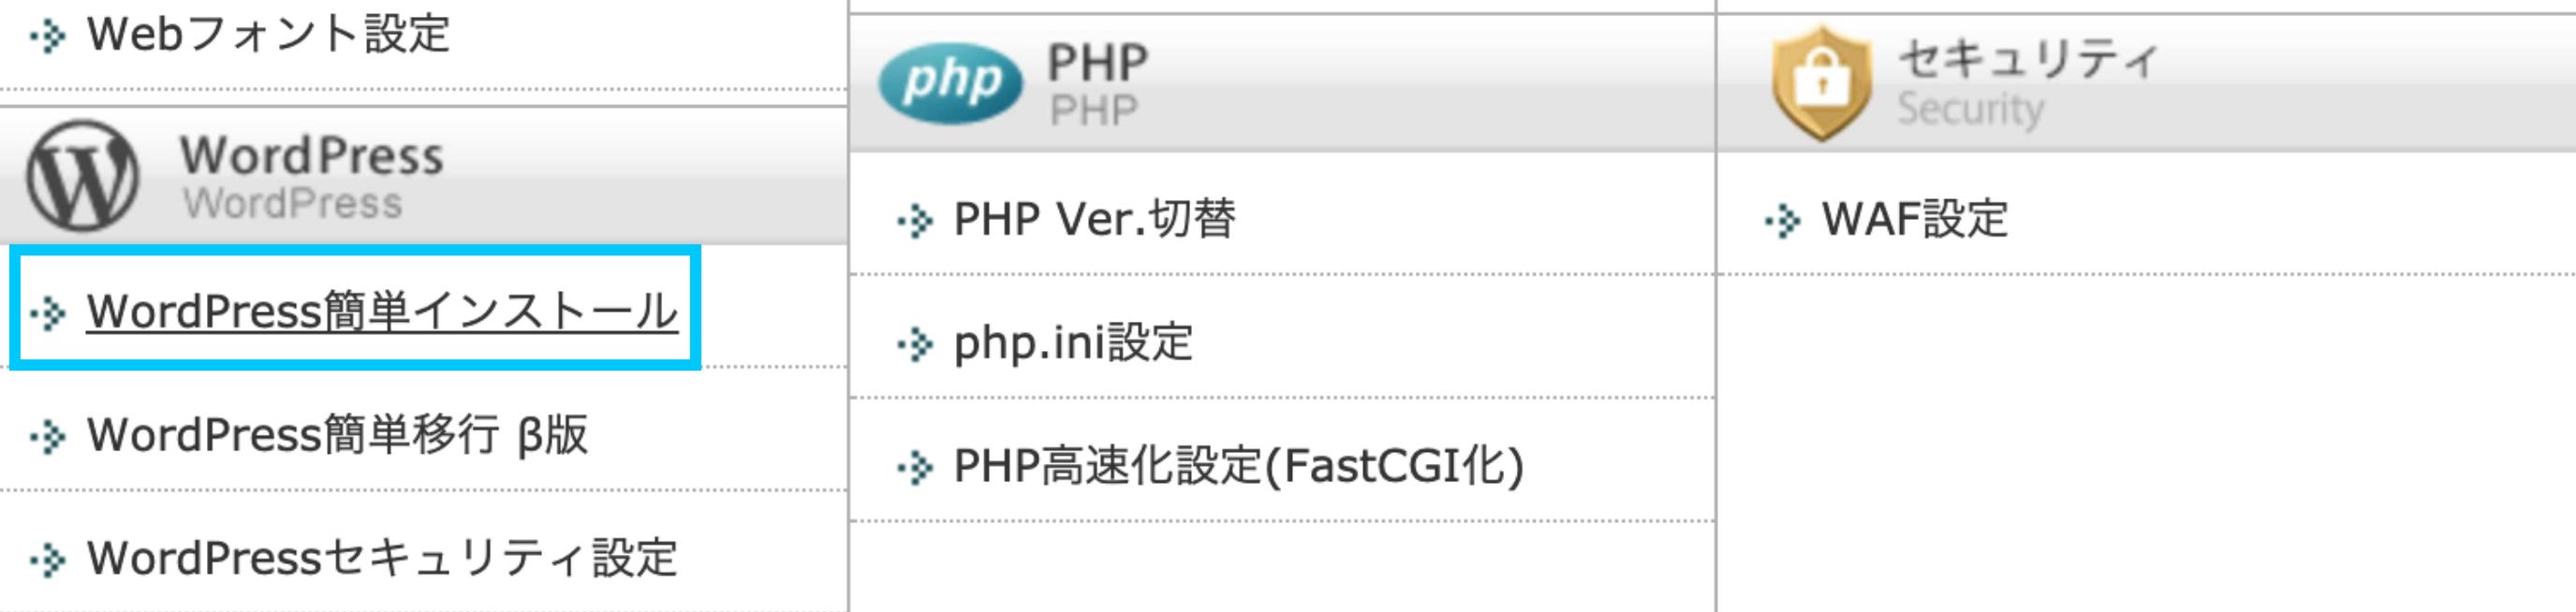 XserverのWordPress簡単インストール